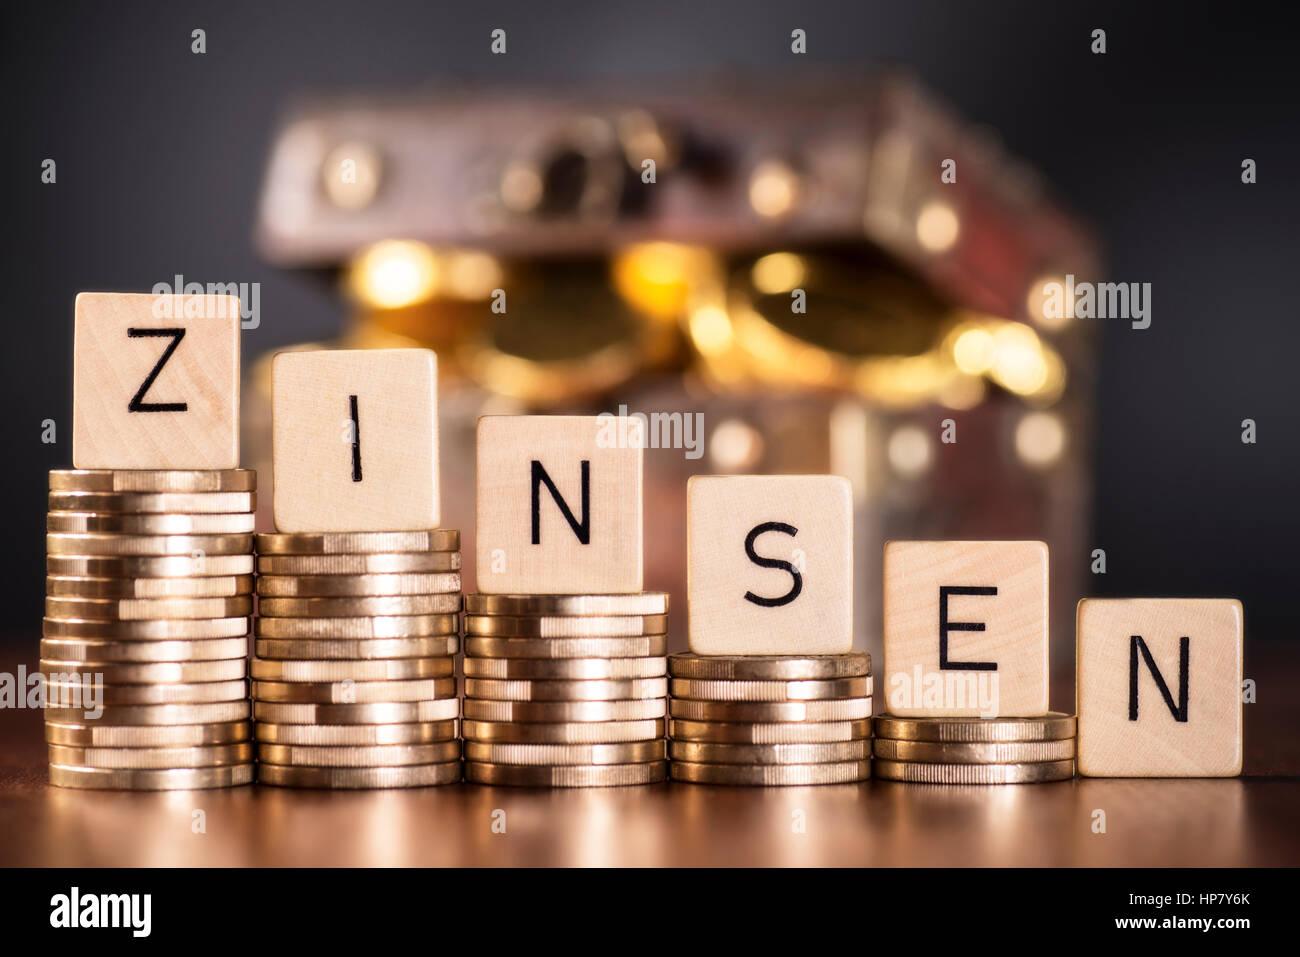 Stapel von Münzen und das Wort Interesse. Stockbild